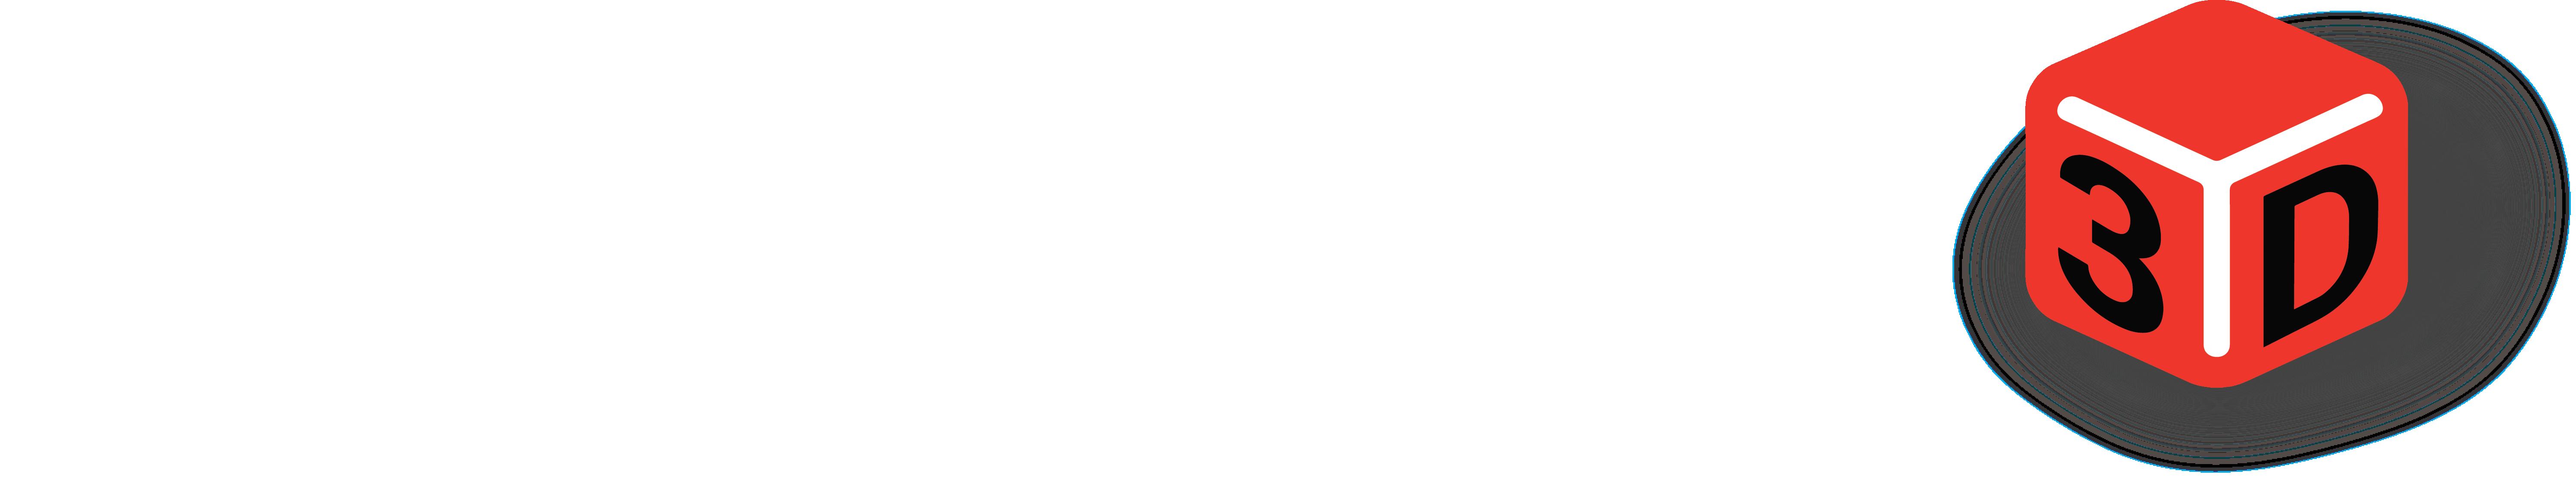 Enspatia3d | home